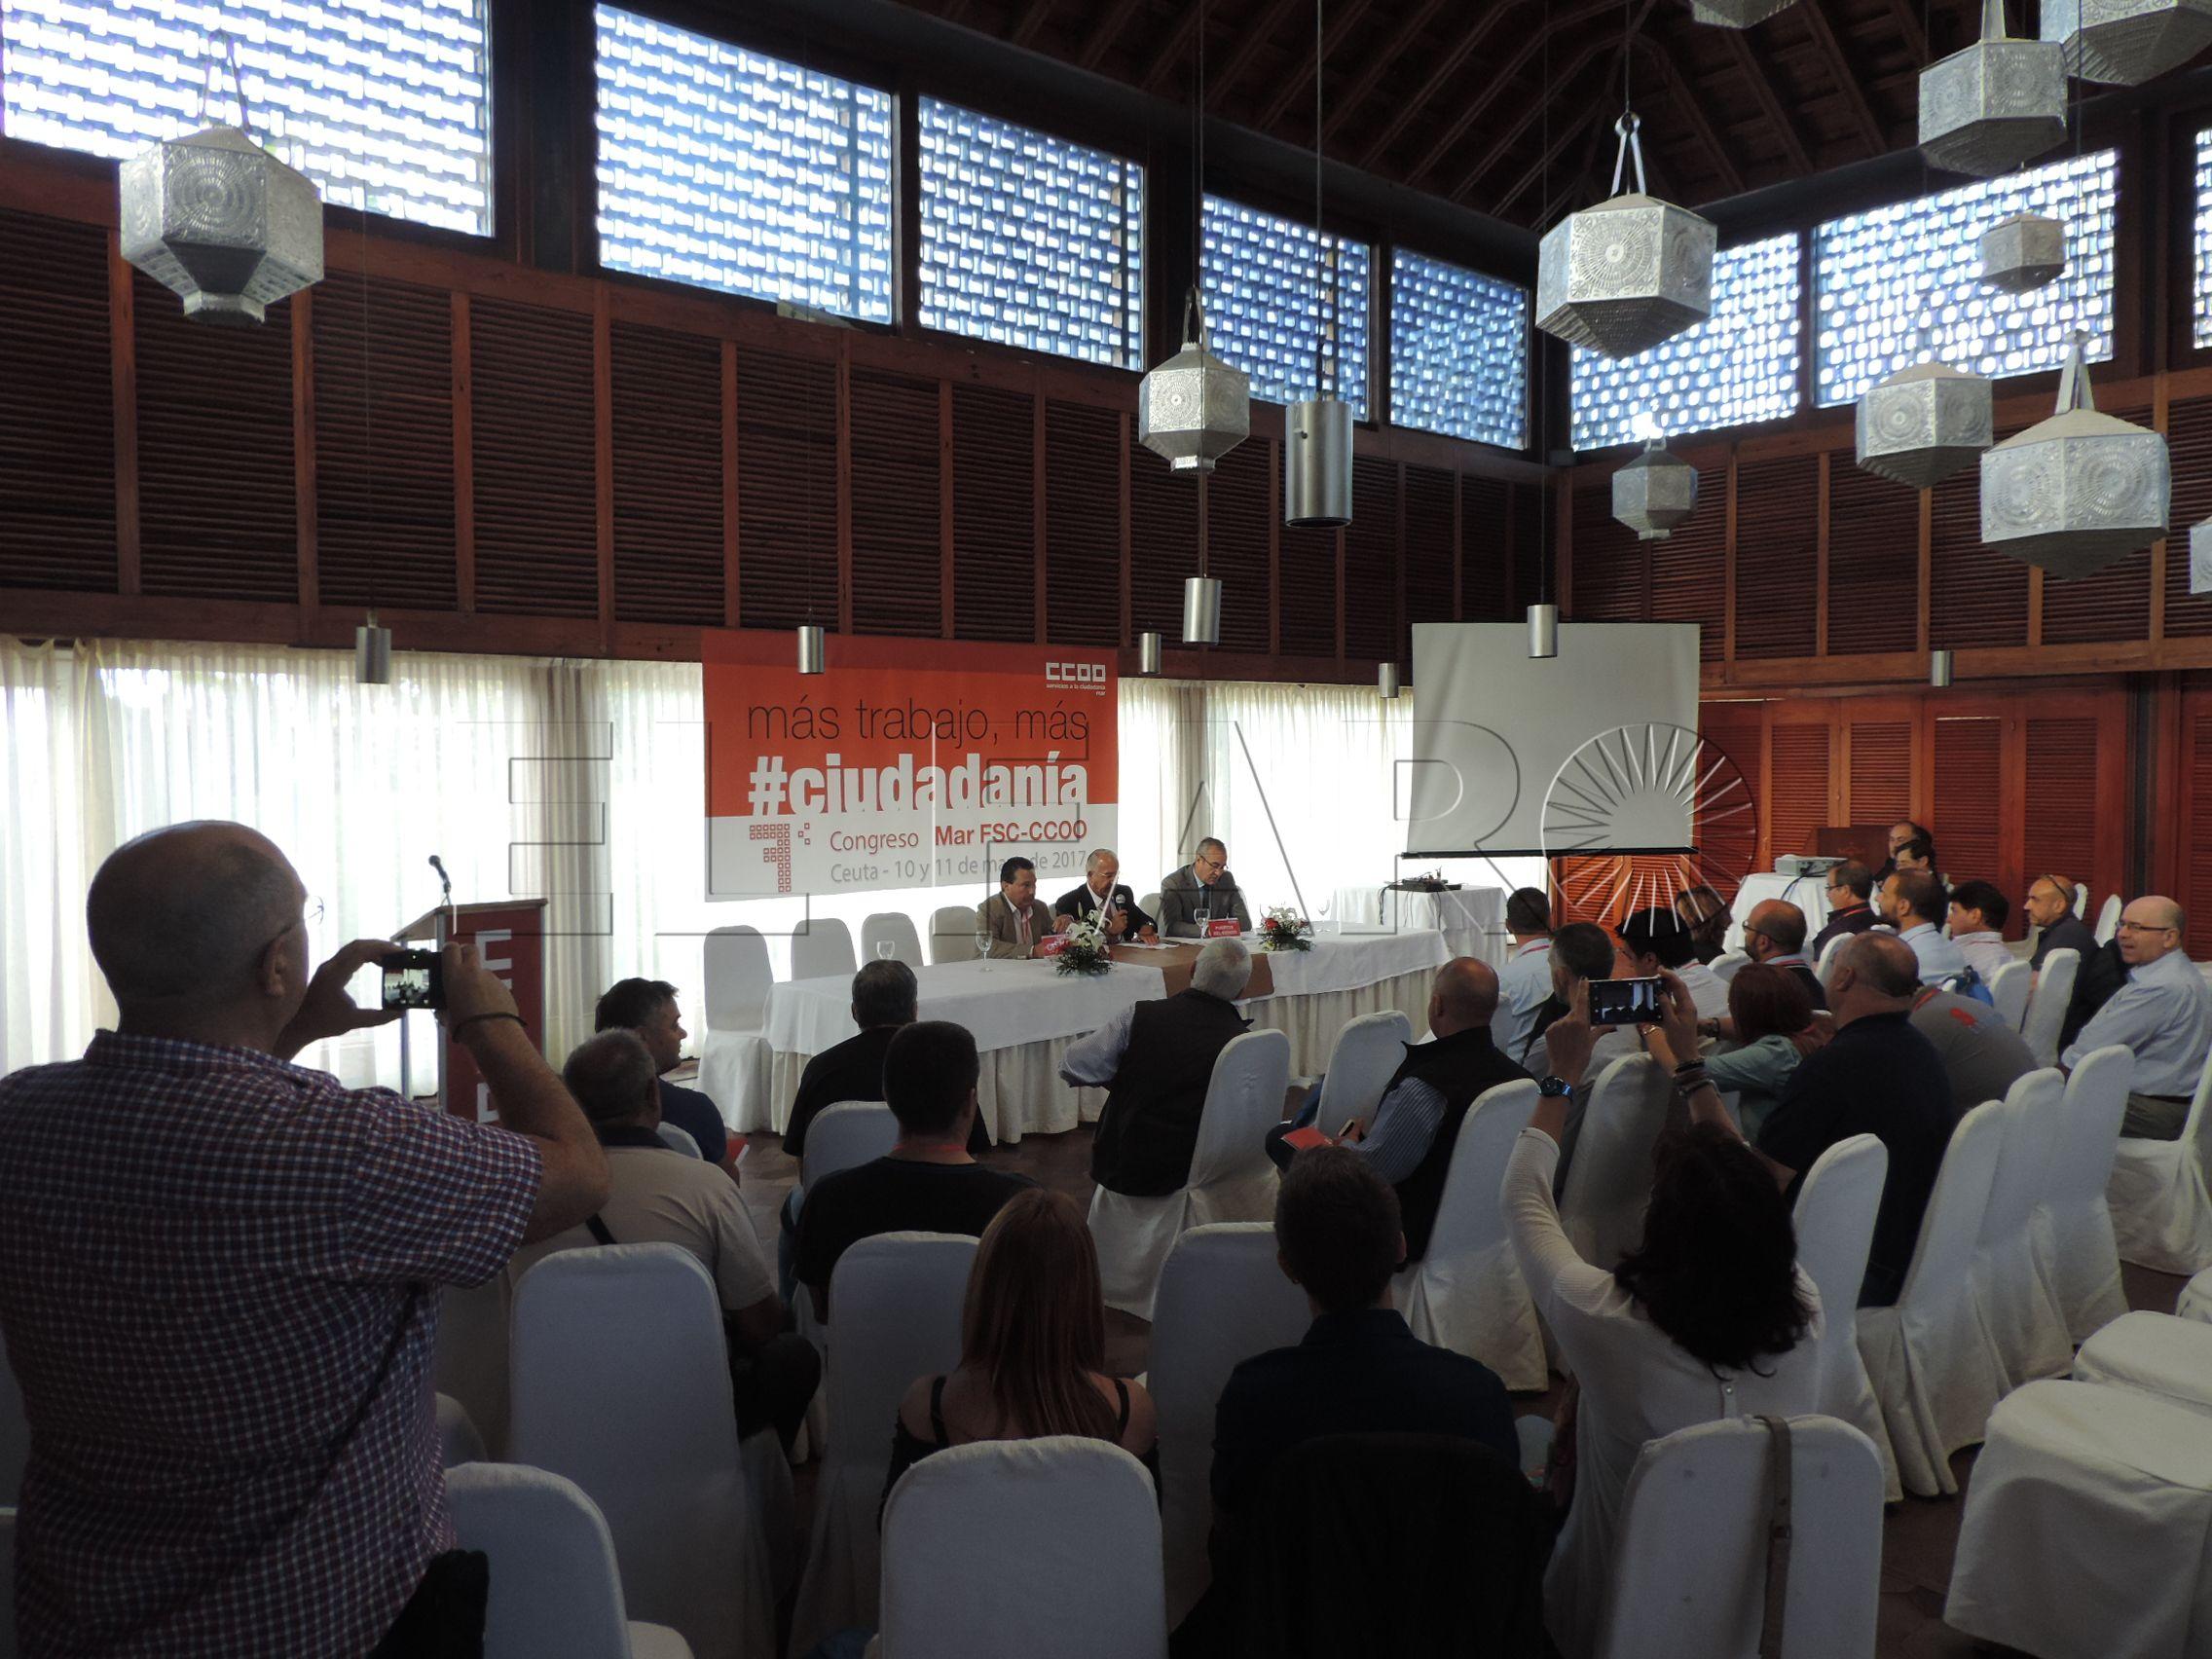 El Sector del Mar de CCOO decide las líneas generales de su acción sindical